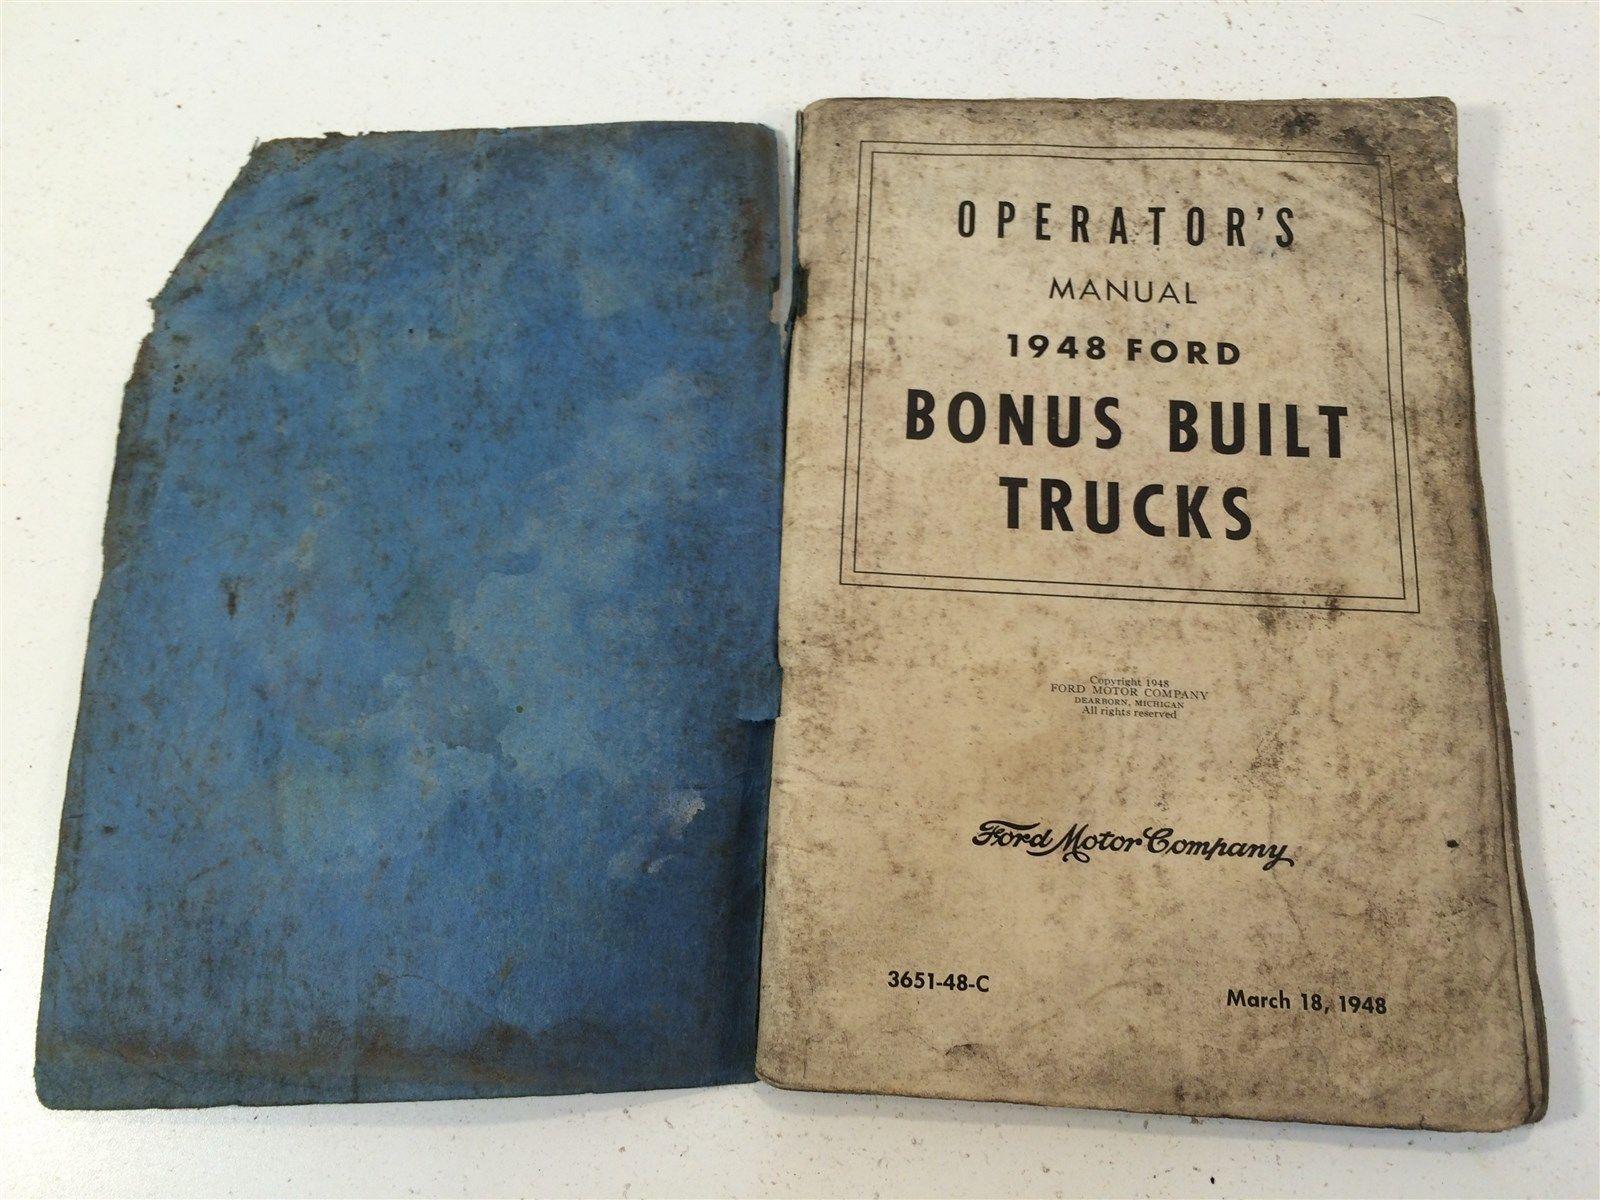 1948 Ford Bonus Built Trucks Operator's Manual 3651-48-C OEM Original